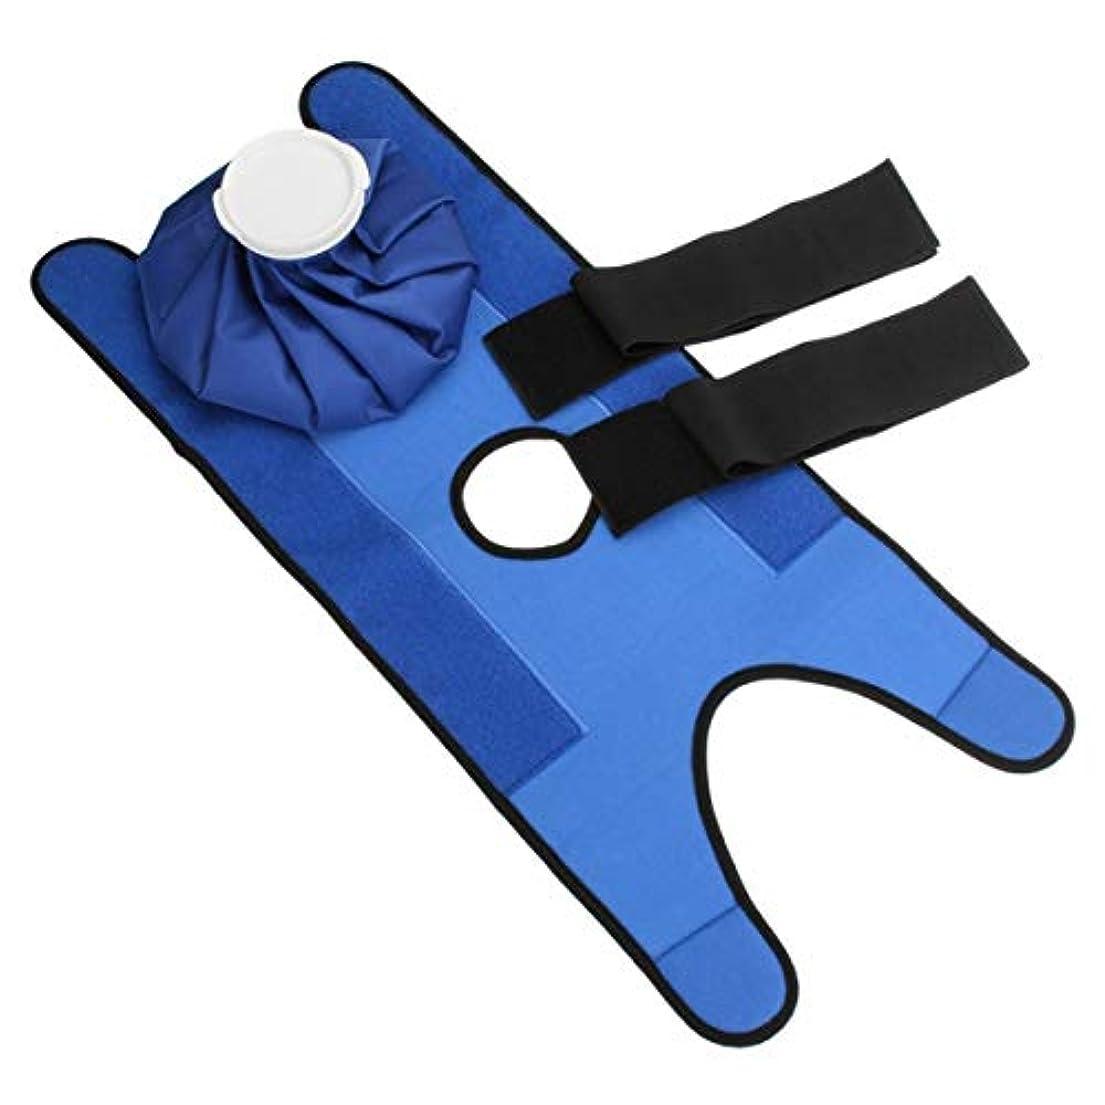 説明する水族館運動Intercoreyコンパクトサイズ再利用可能ヘルスケア膝頭脚筋肉スポーツ傷害救済痛みアイスバッグ無毒アイスパック包帯付き